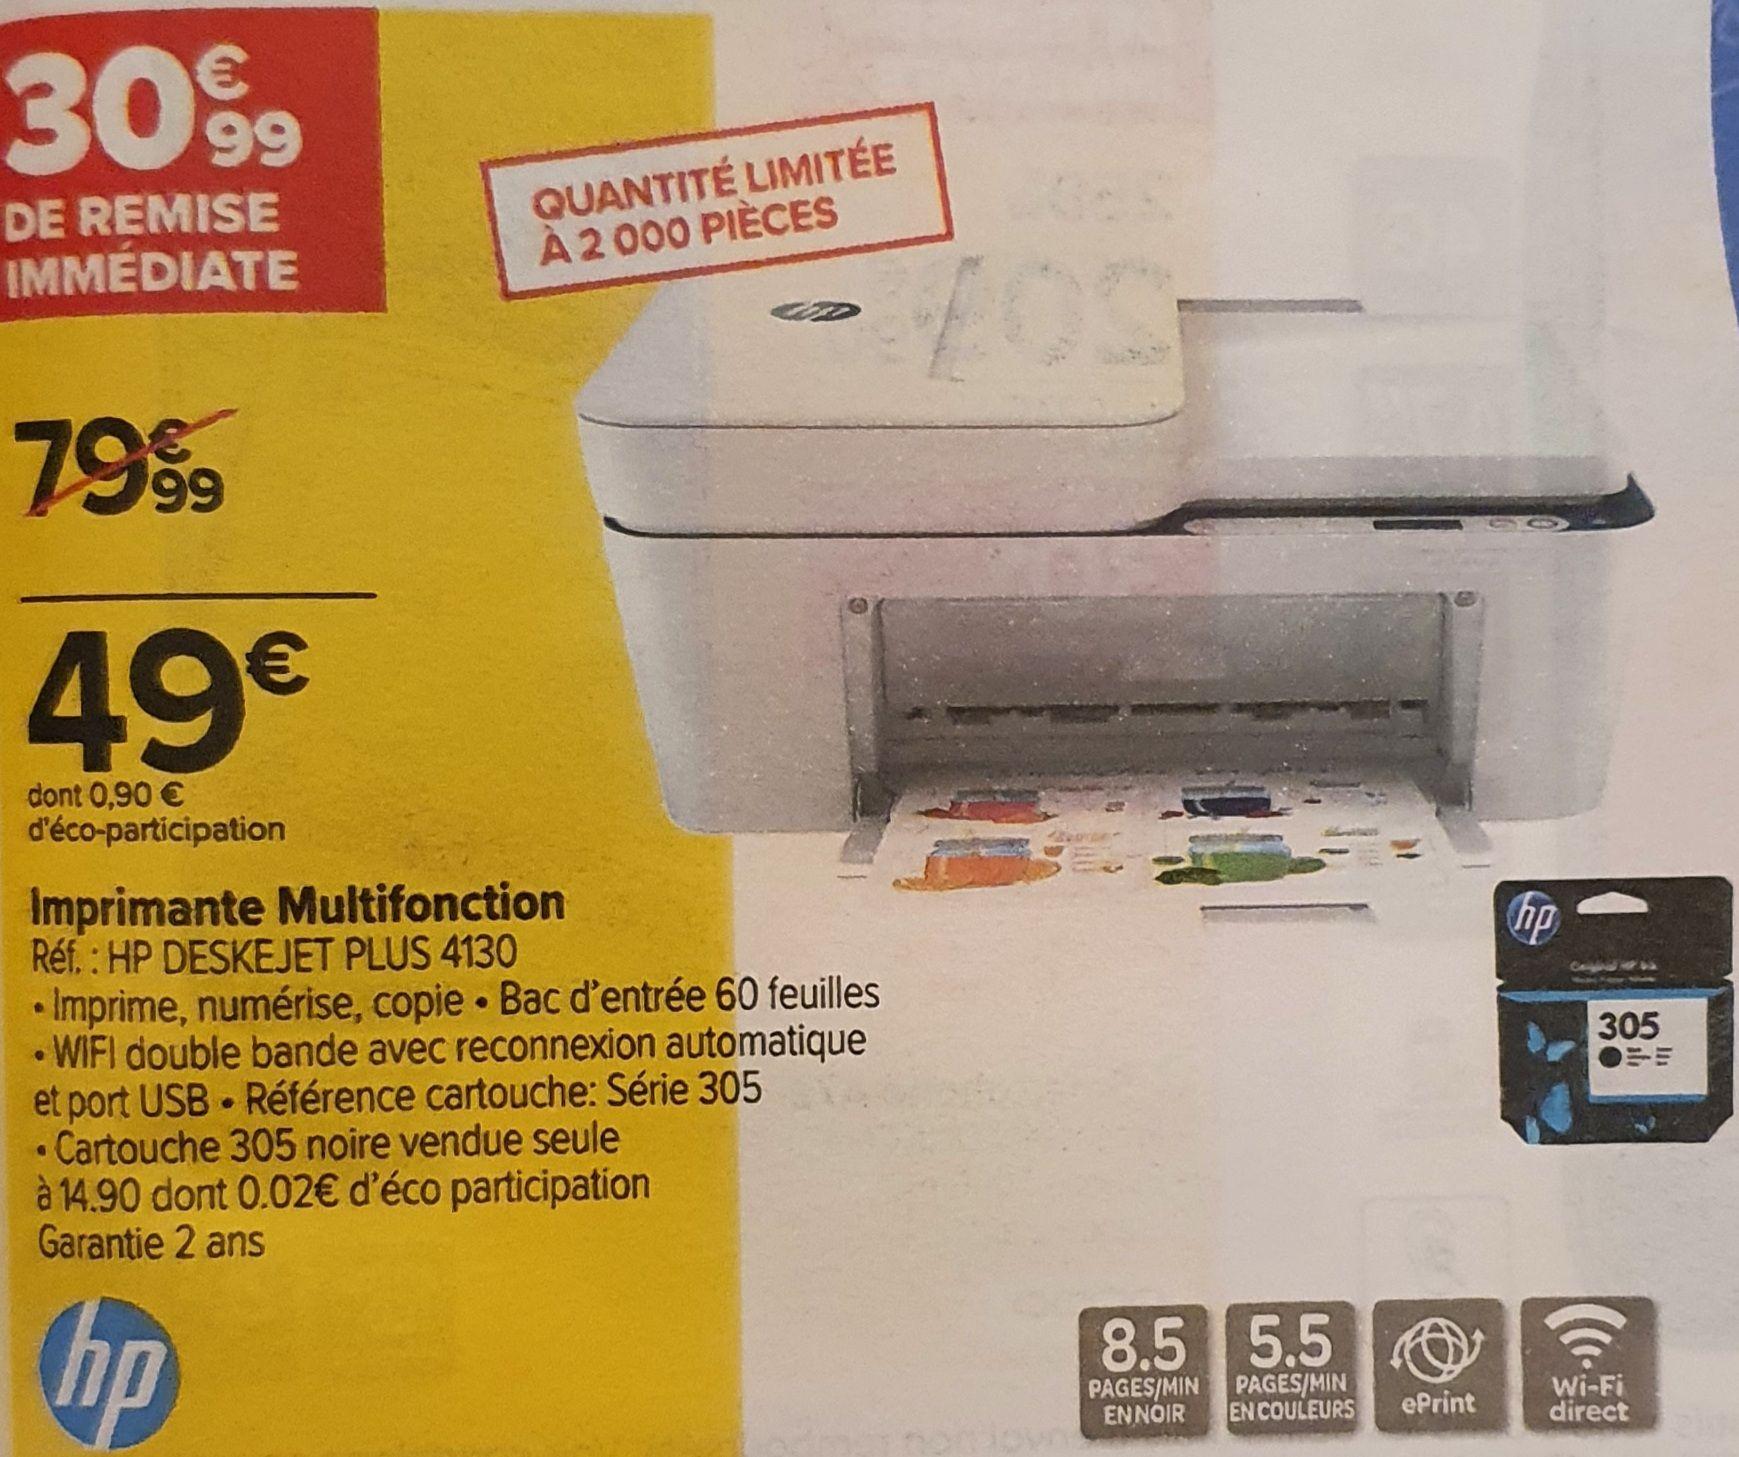 Imprimante multifonction à jet d'encre HP DeskJet Plus 4130